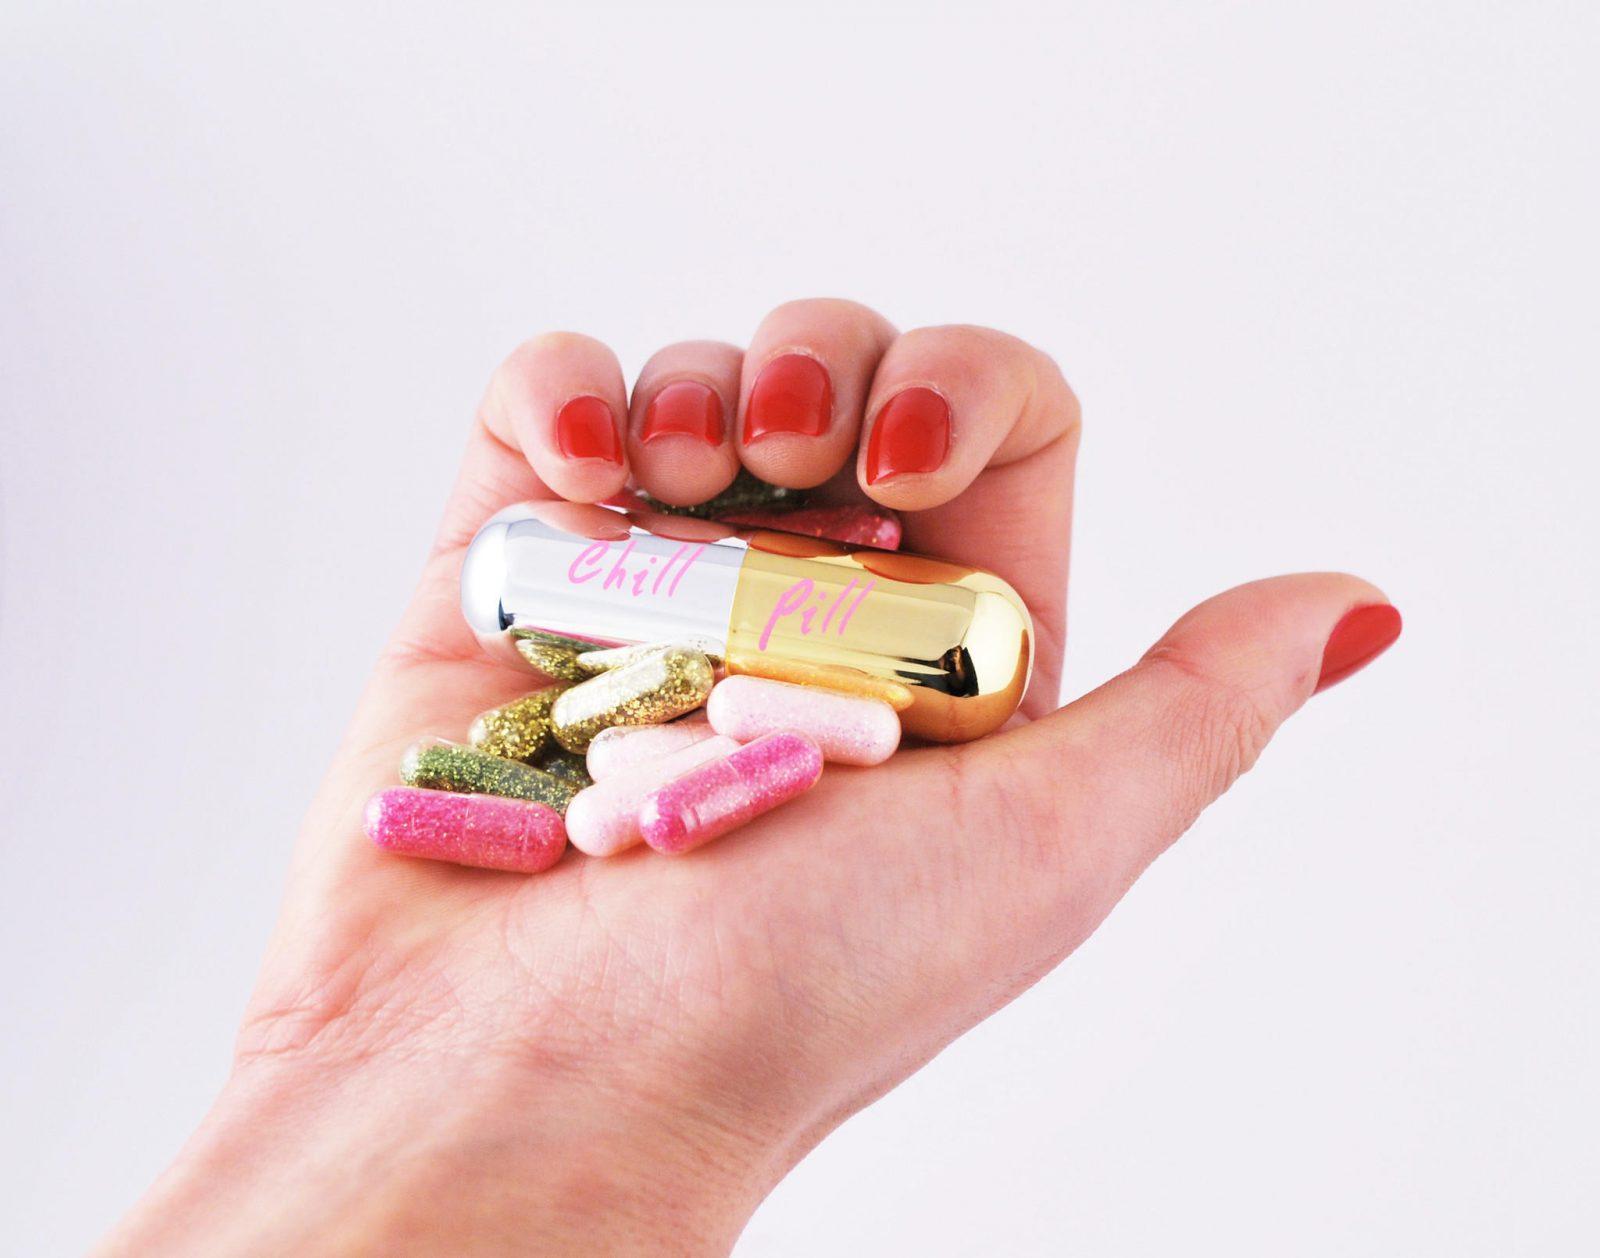 Có nên dùng thuốc giảm cân cấp tốc?